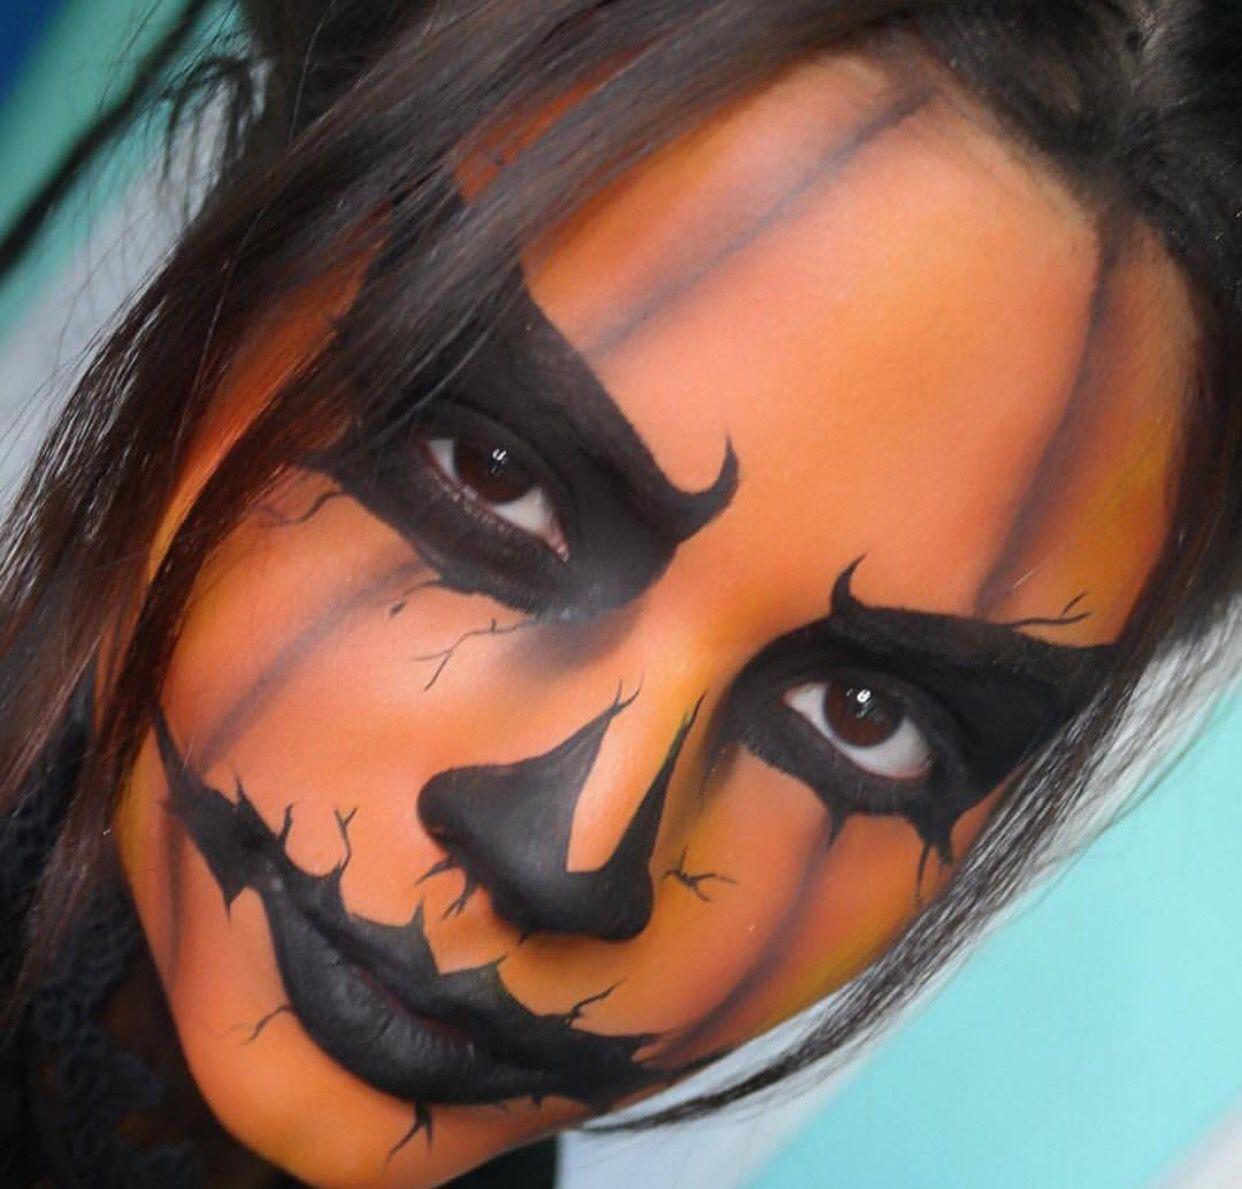 Halloween makeup jack o lantern pumpkin makeup artist Instagram ...